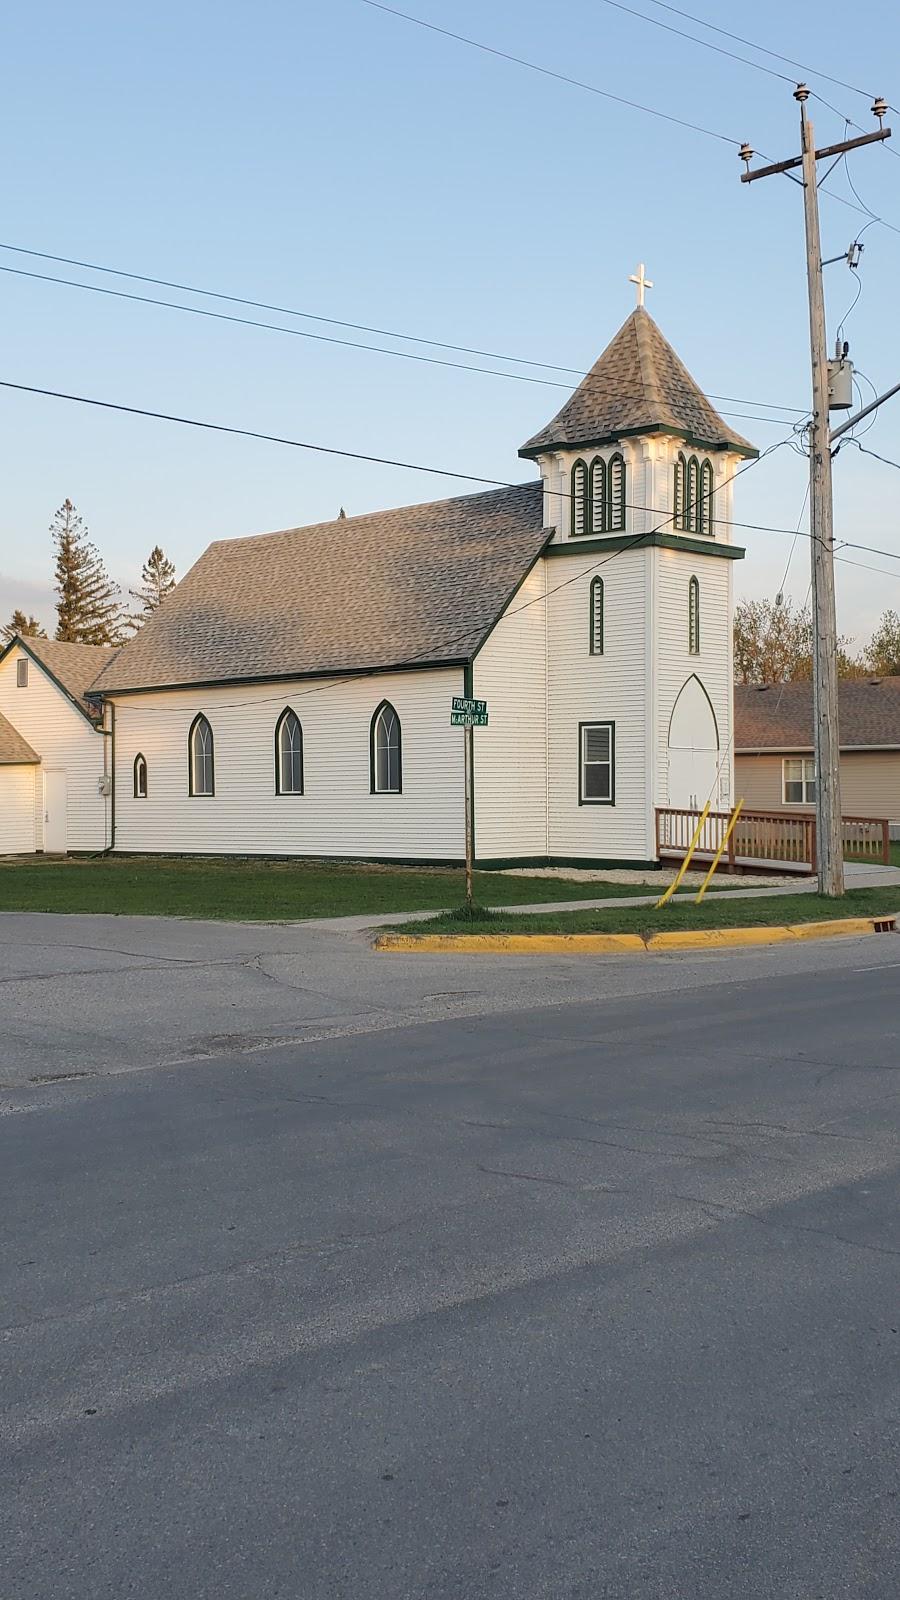 St Johns Anglican Church | church | 88 McArthur Ave, Lac du Bonnet, MB R0E 1A0, Canada | 2043452357 OR +1 204-345-2357